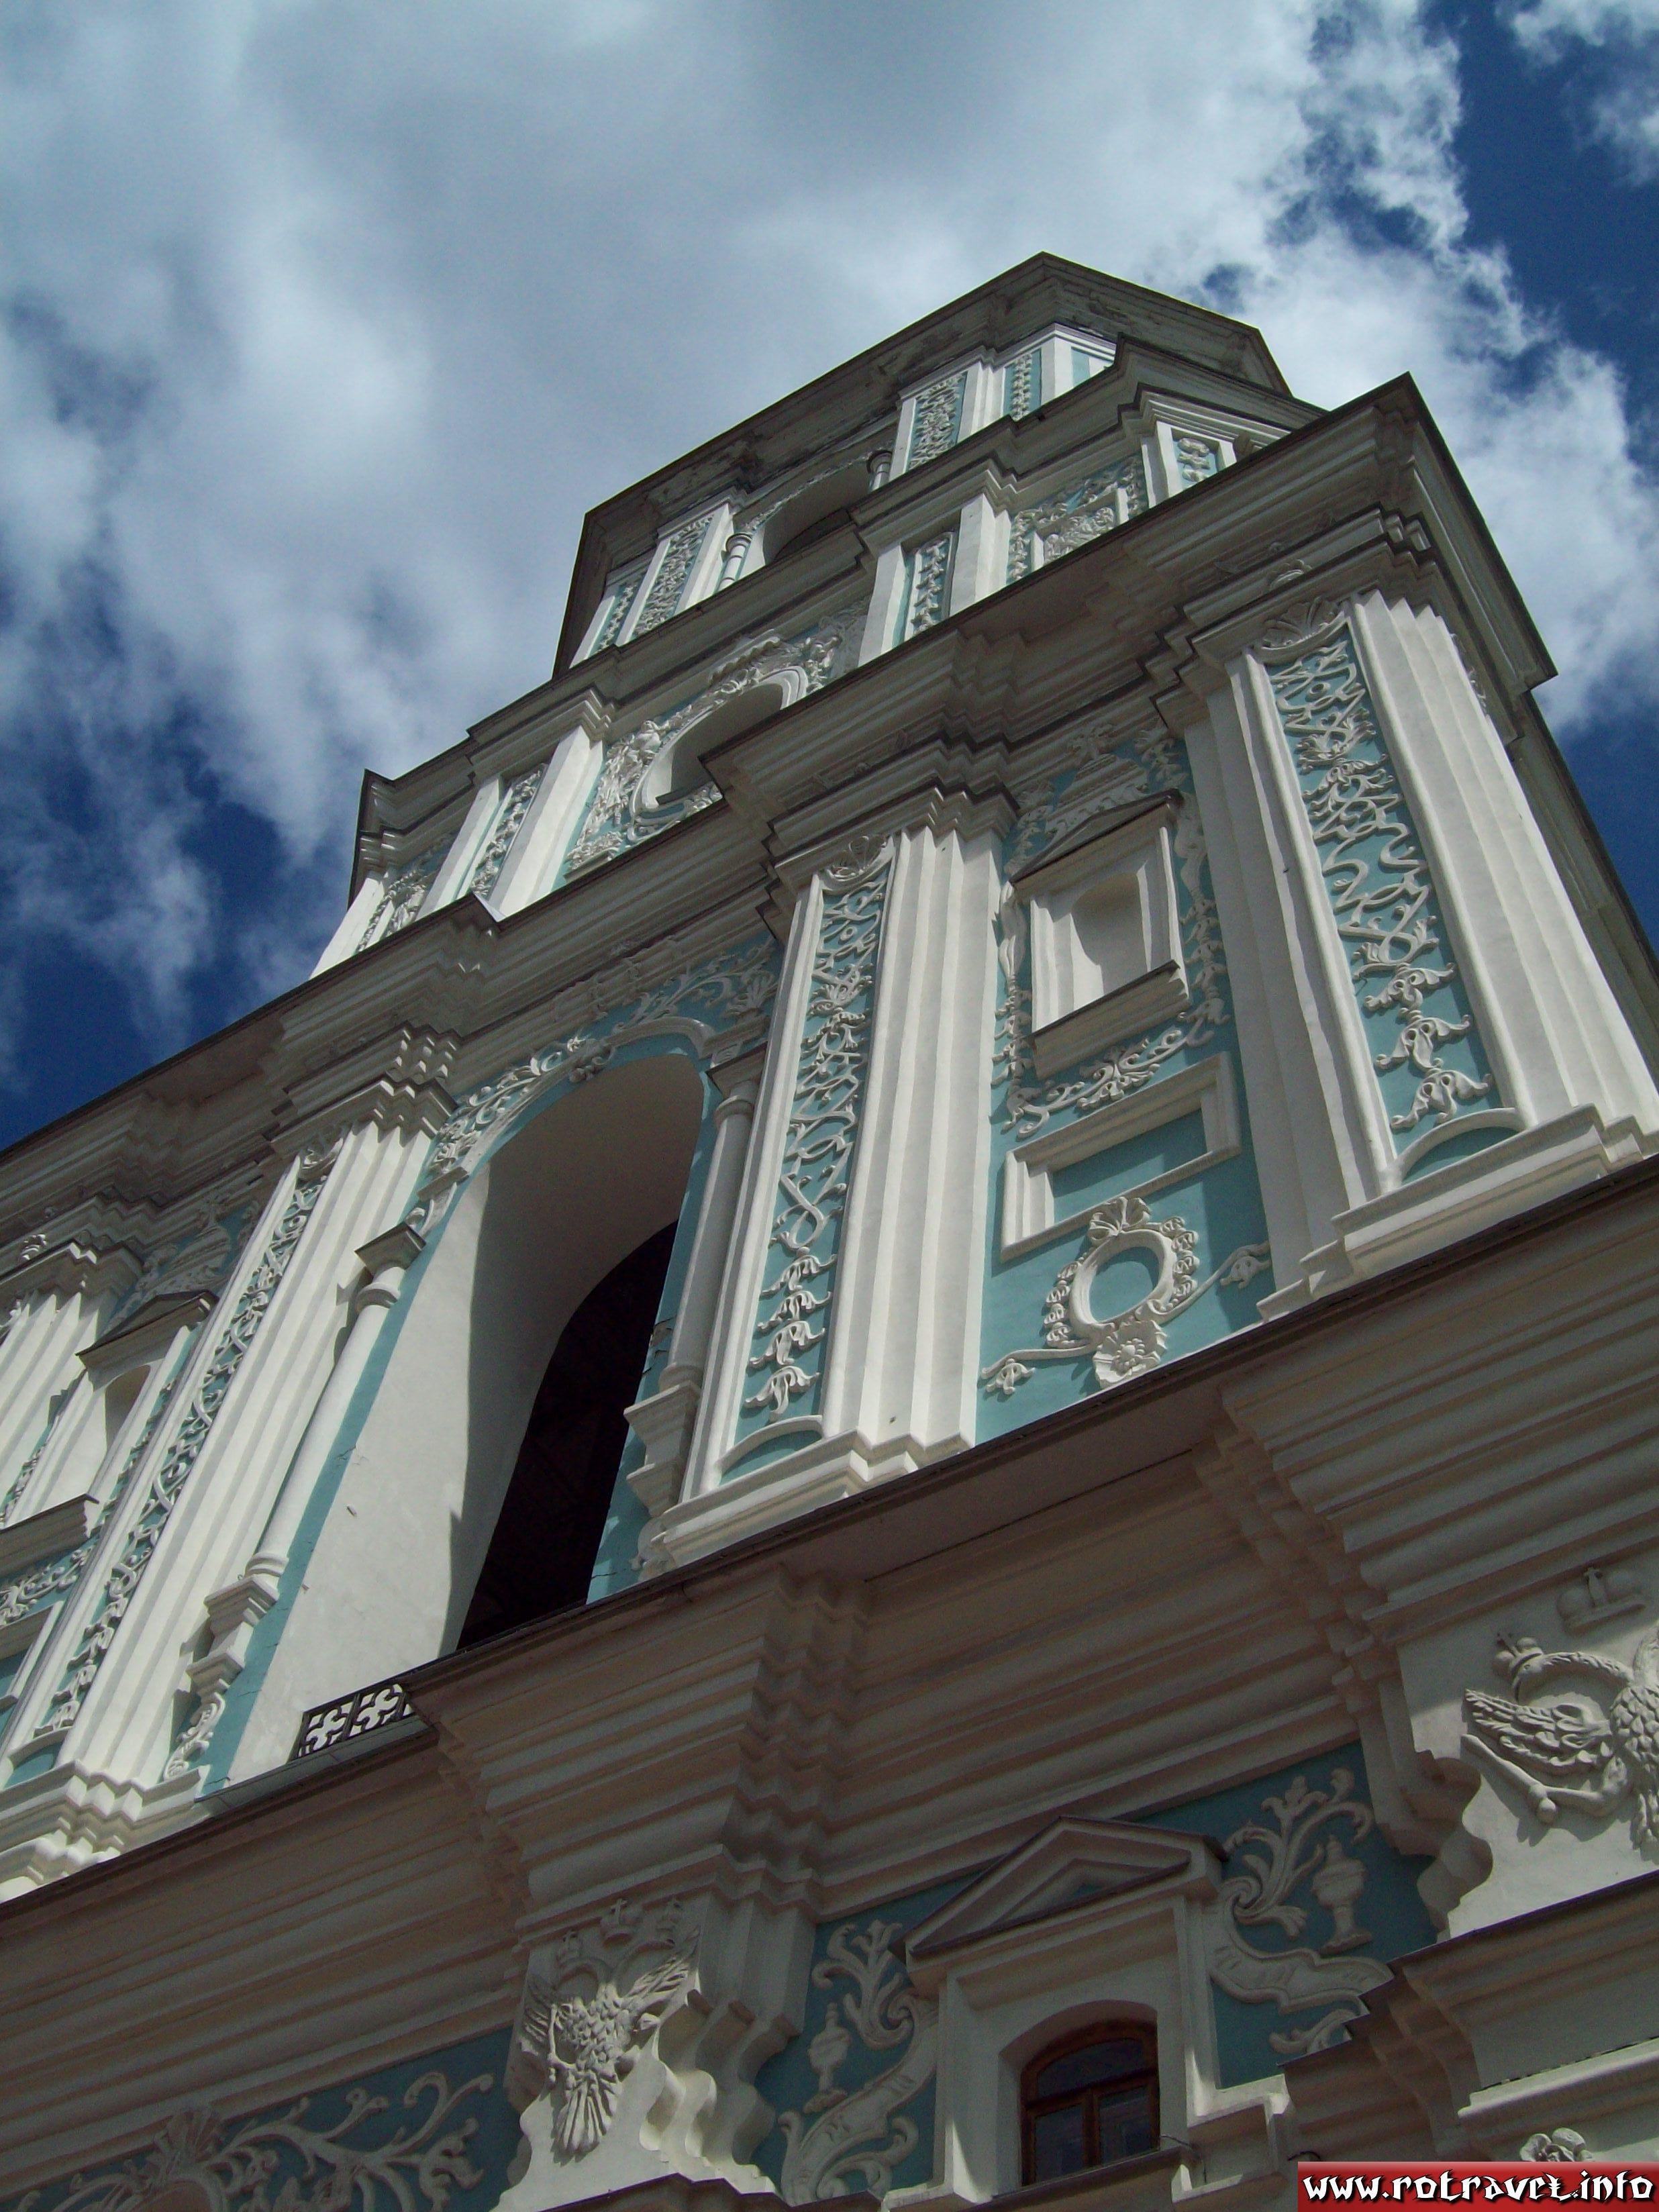 The belltower of the Saint Sophia